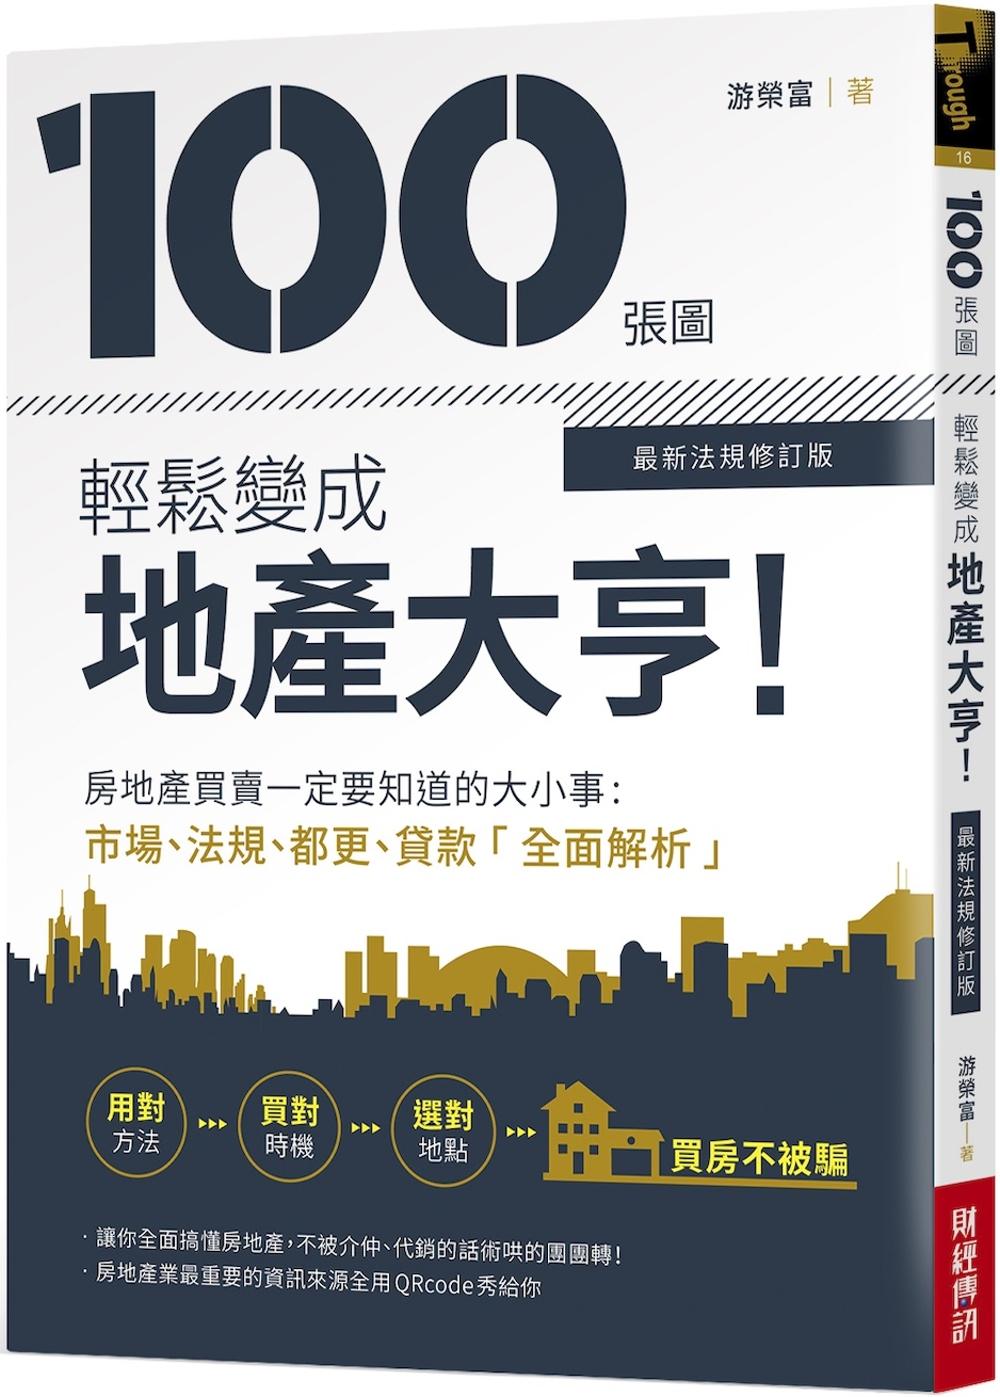 100張圖輕鬆變成地產大亨!【最新法規修訂版】:房地產買賣一定要知道的大小事,市場、法規、都更、貸款全面解析